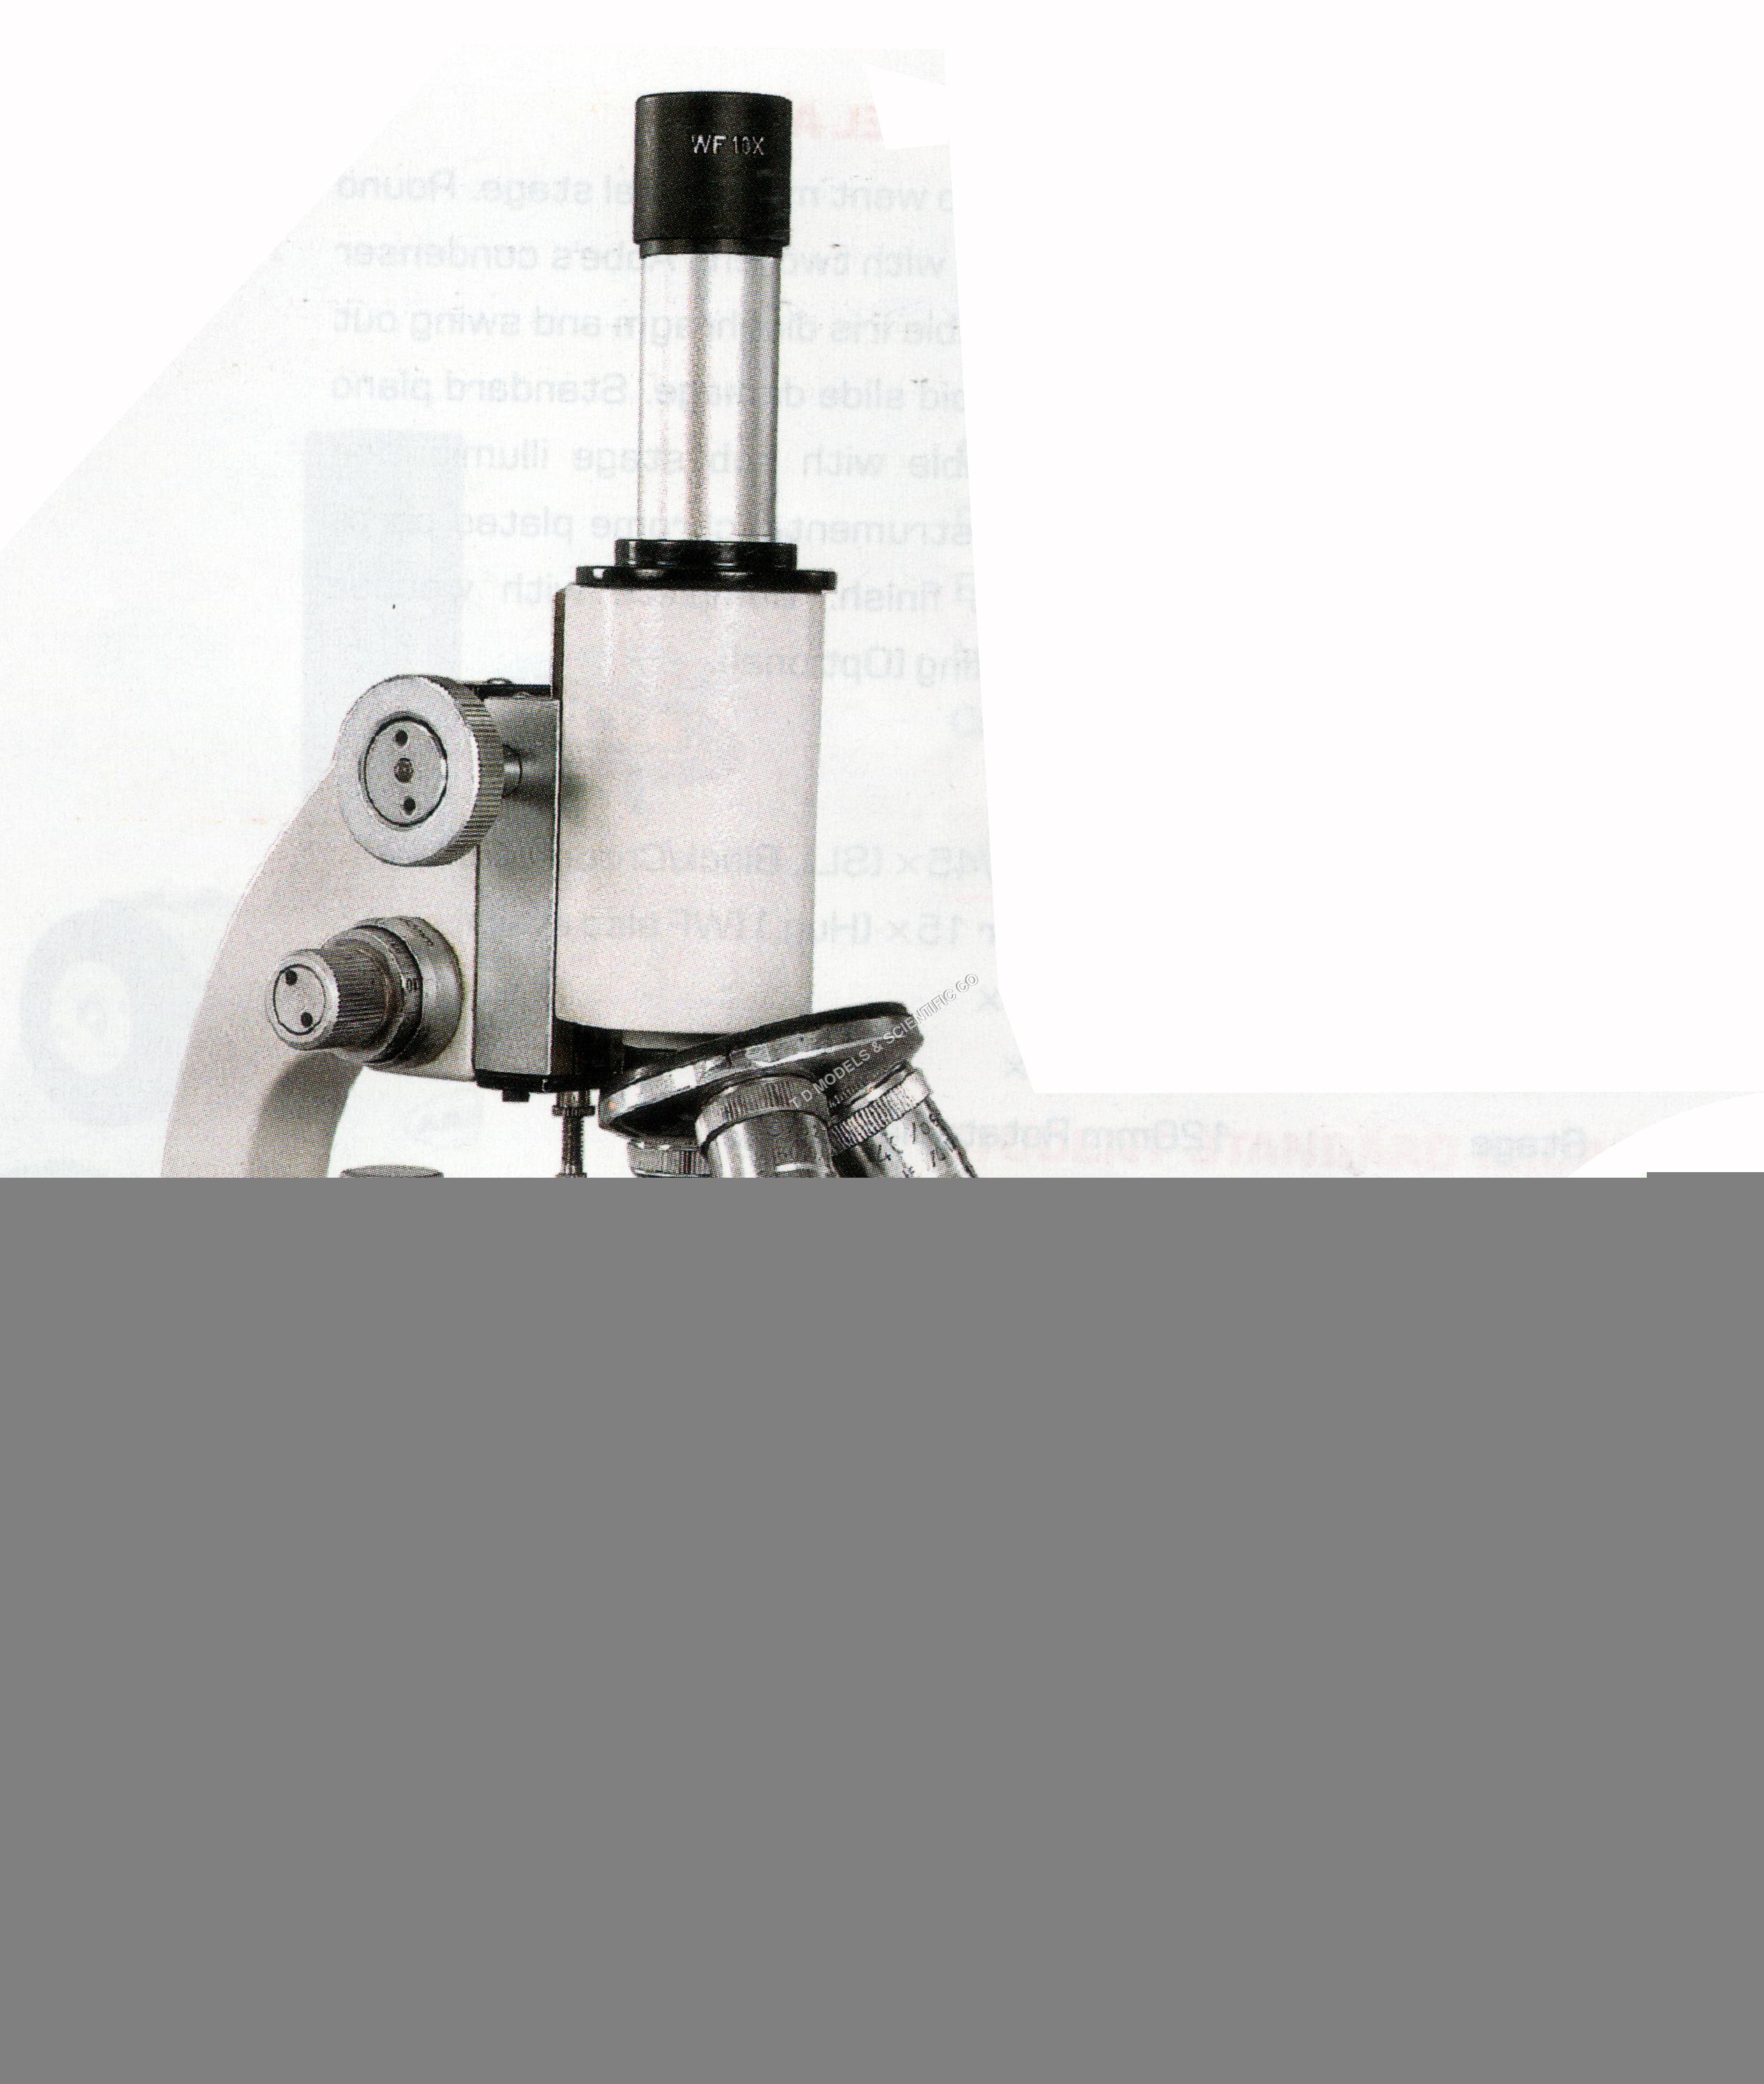 LABORATORY MICROSCOPE MODEL A1